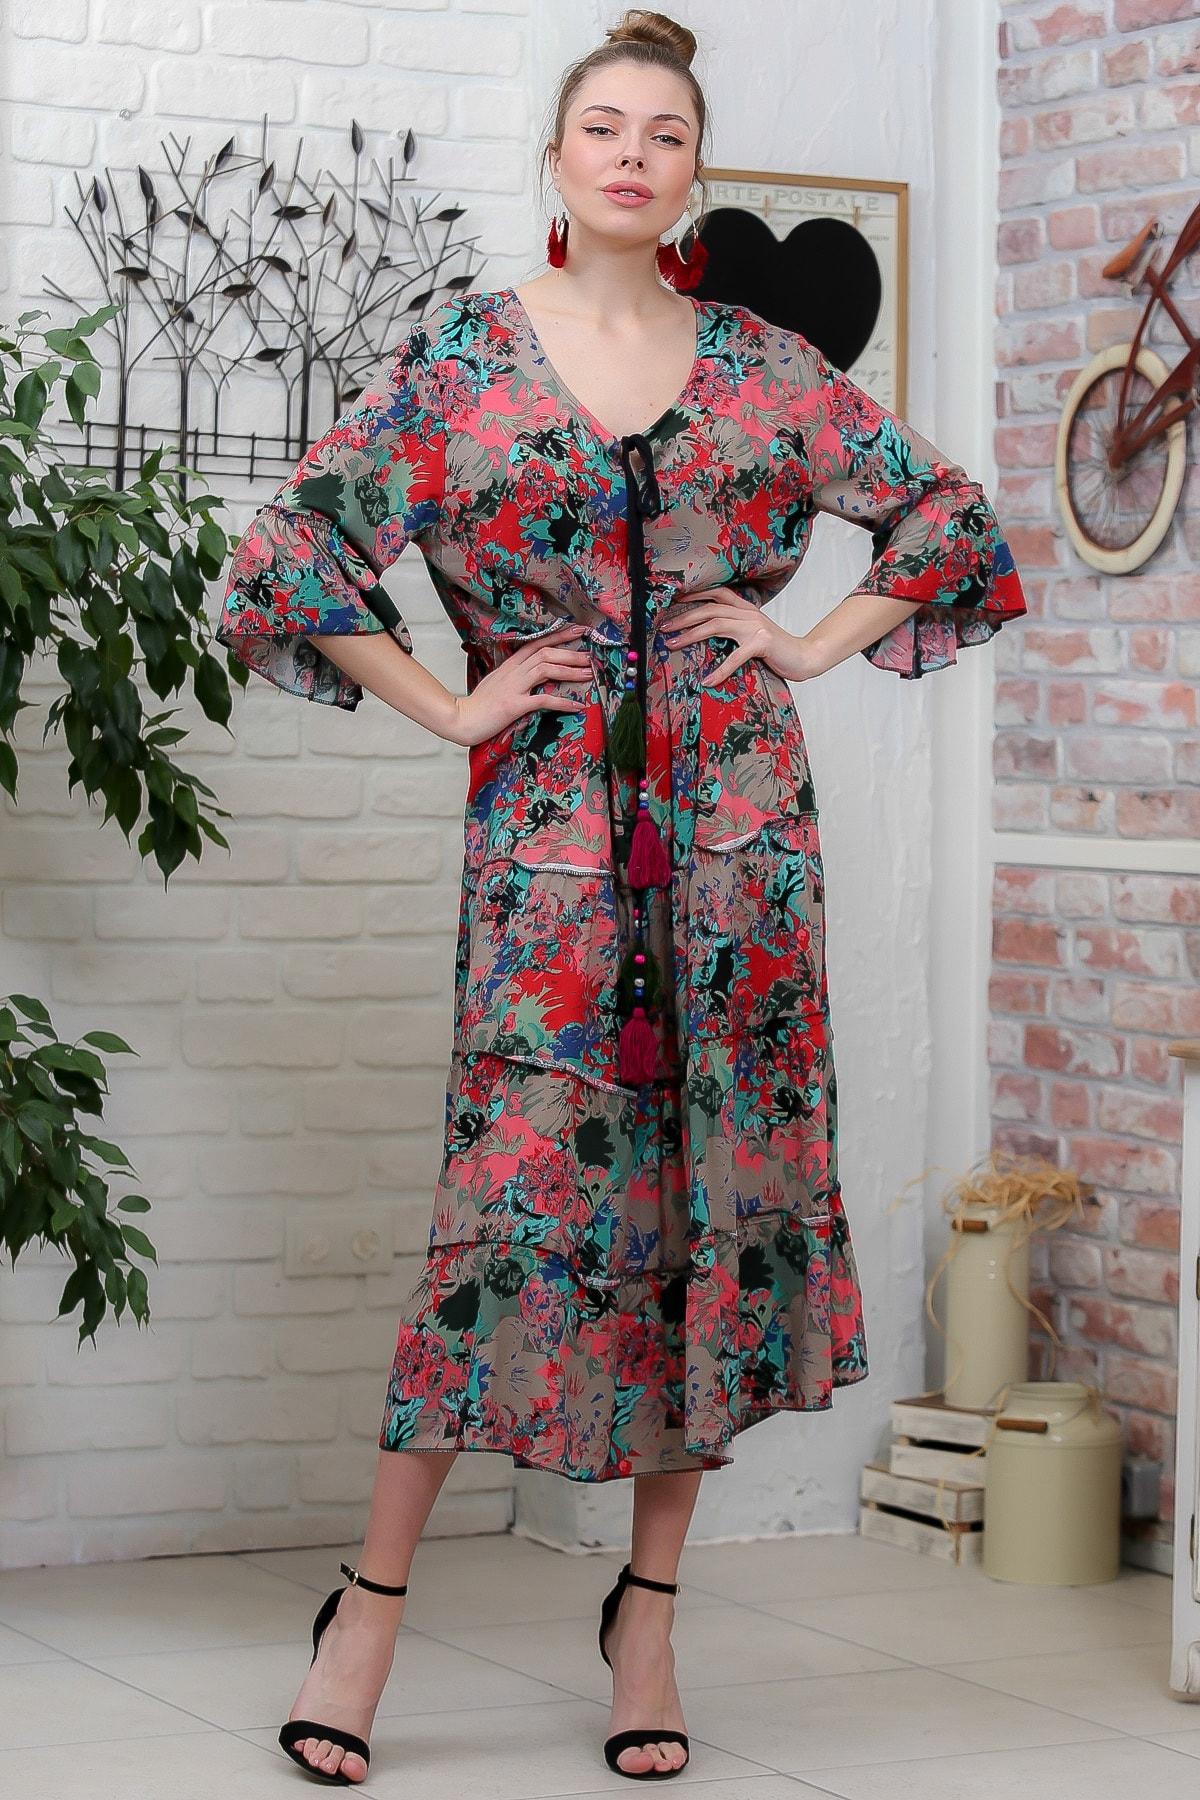 Chiccy Kadın Pembe-Yeşil Sulu Boya Çiçek Desenli Püskül Bağcıklı Kat Kat Salaş Uzun Elbise M10160000EL95634